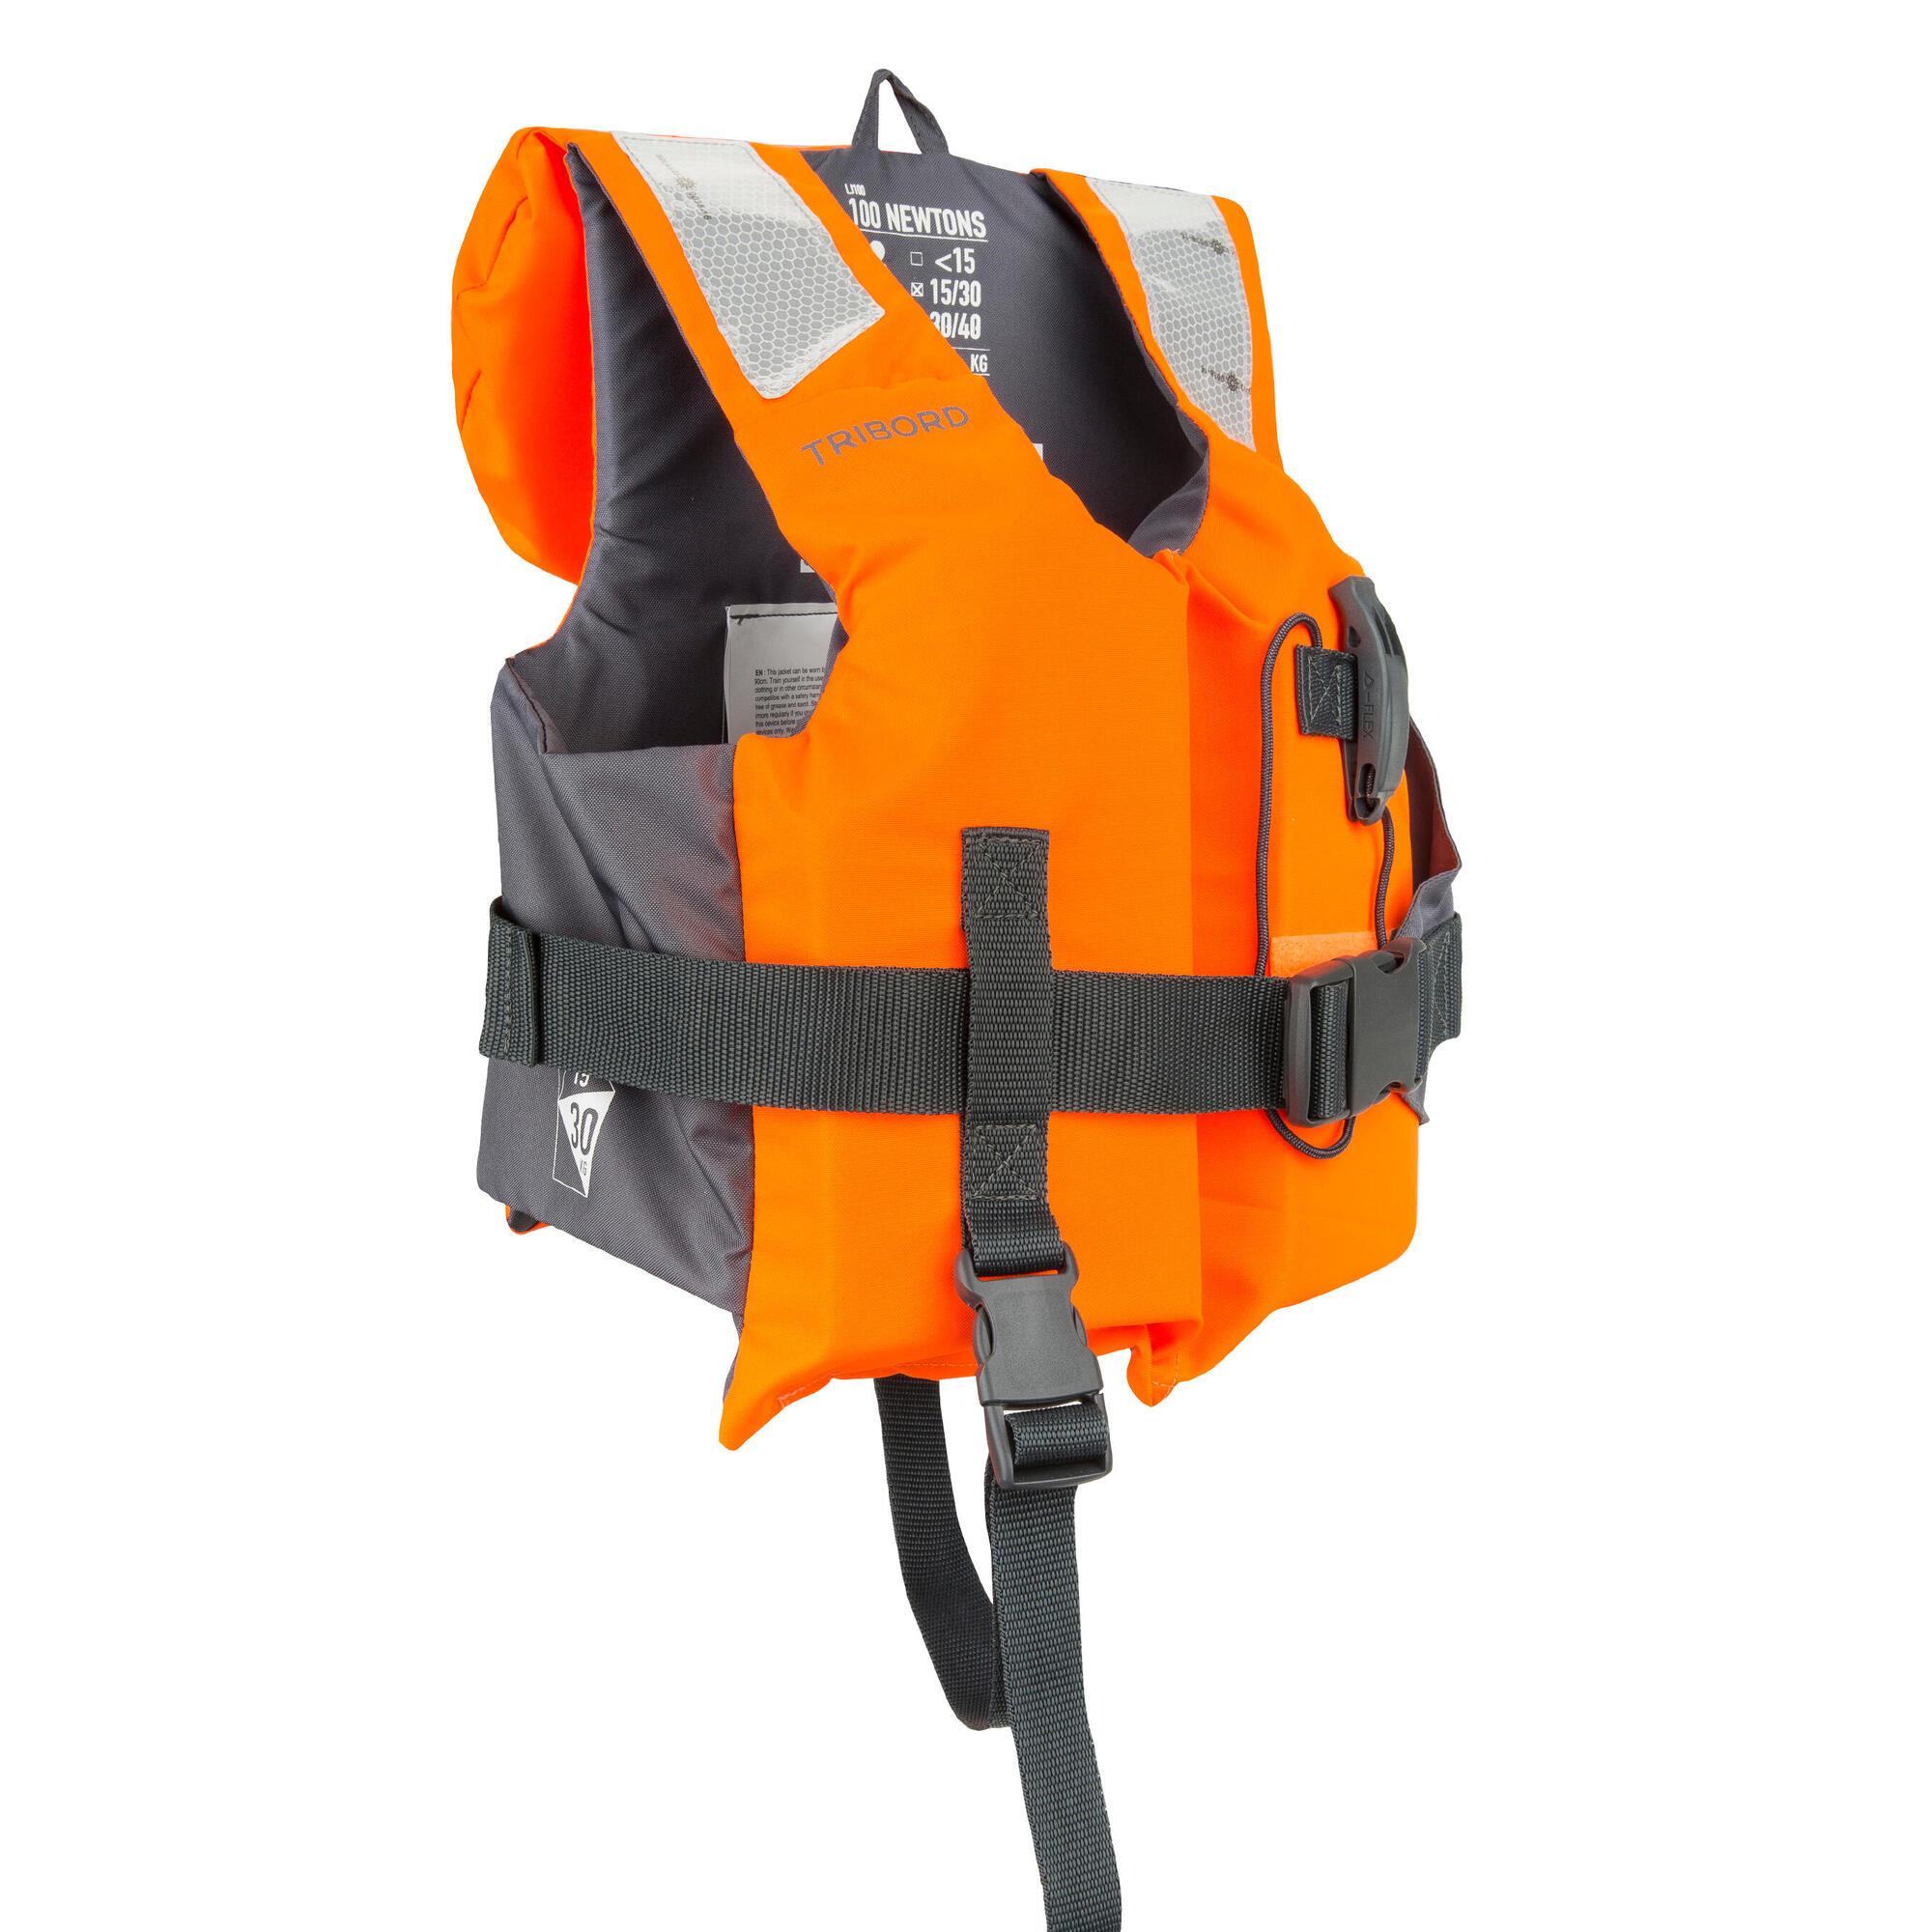 gilet de sauvetage mousse enfant lj 100n easy orange gris tribordvoile. Black Bedroom Furniture Sets. Home Design Ideas